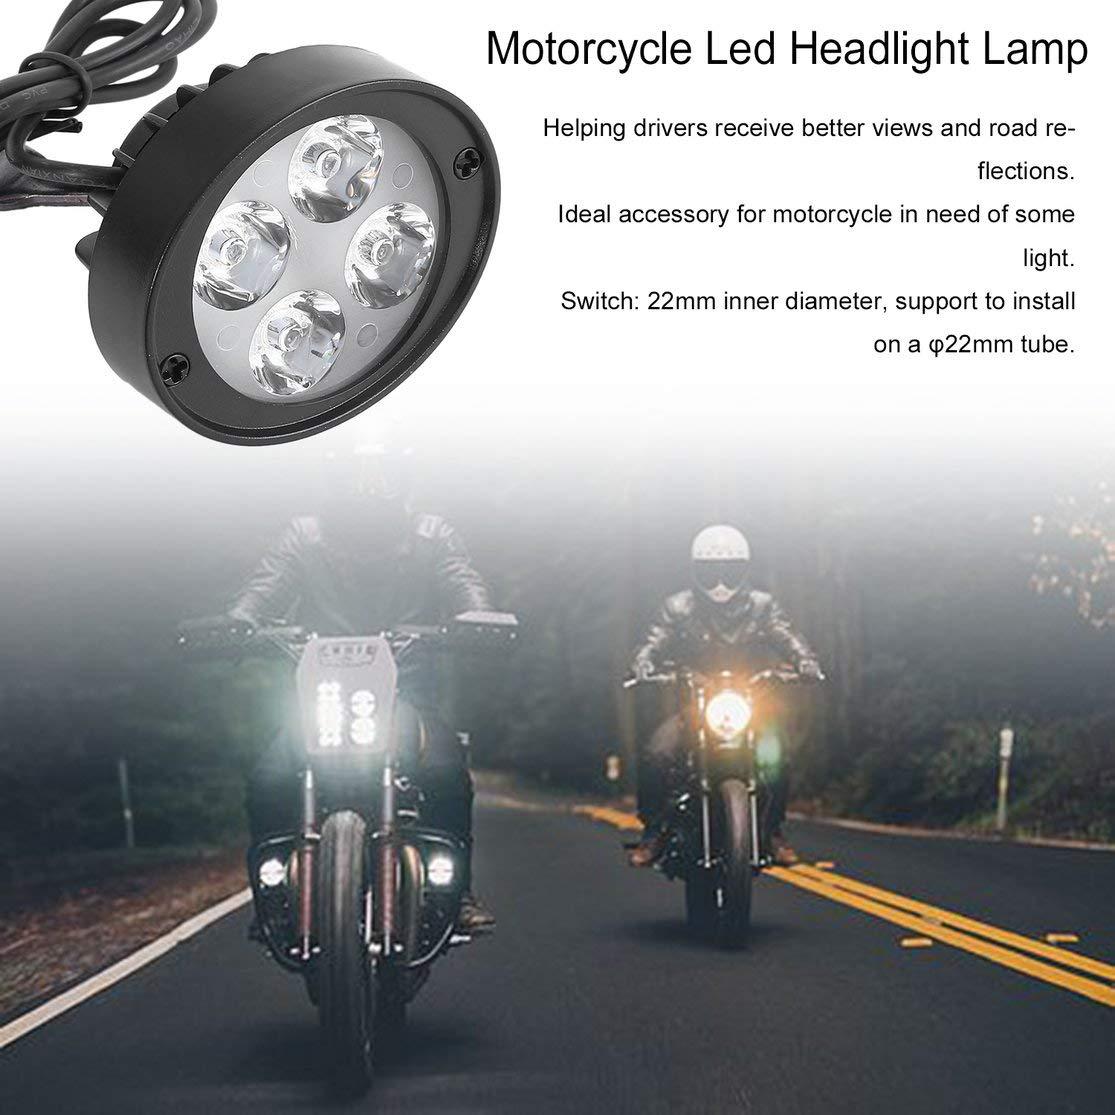 Candyboom Super Clear 1000Lm Motorrad Led Scheinwerfer Lampe Roller Lokomotive Nebelscheinwerfer Super Light Assist R/ückspiegel Licht